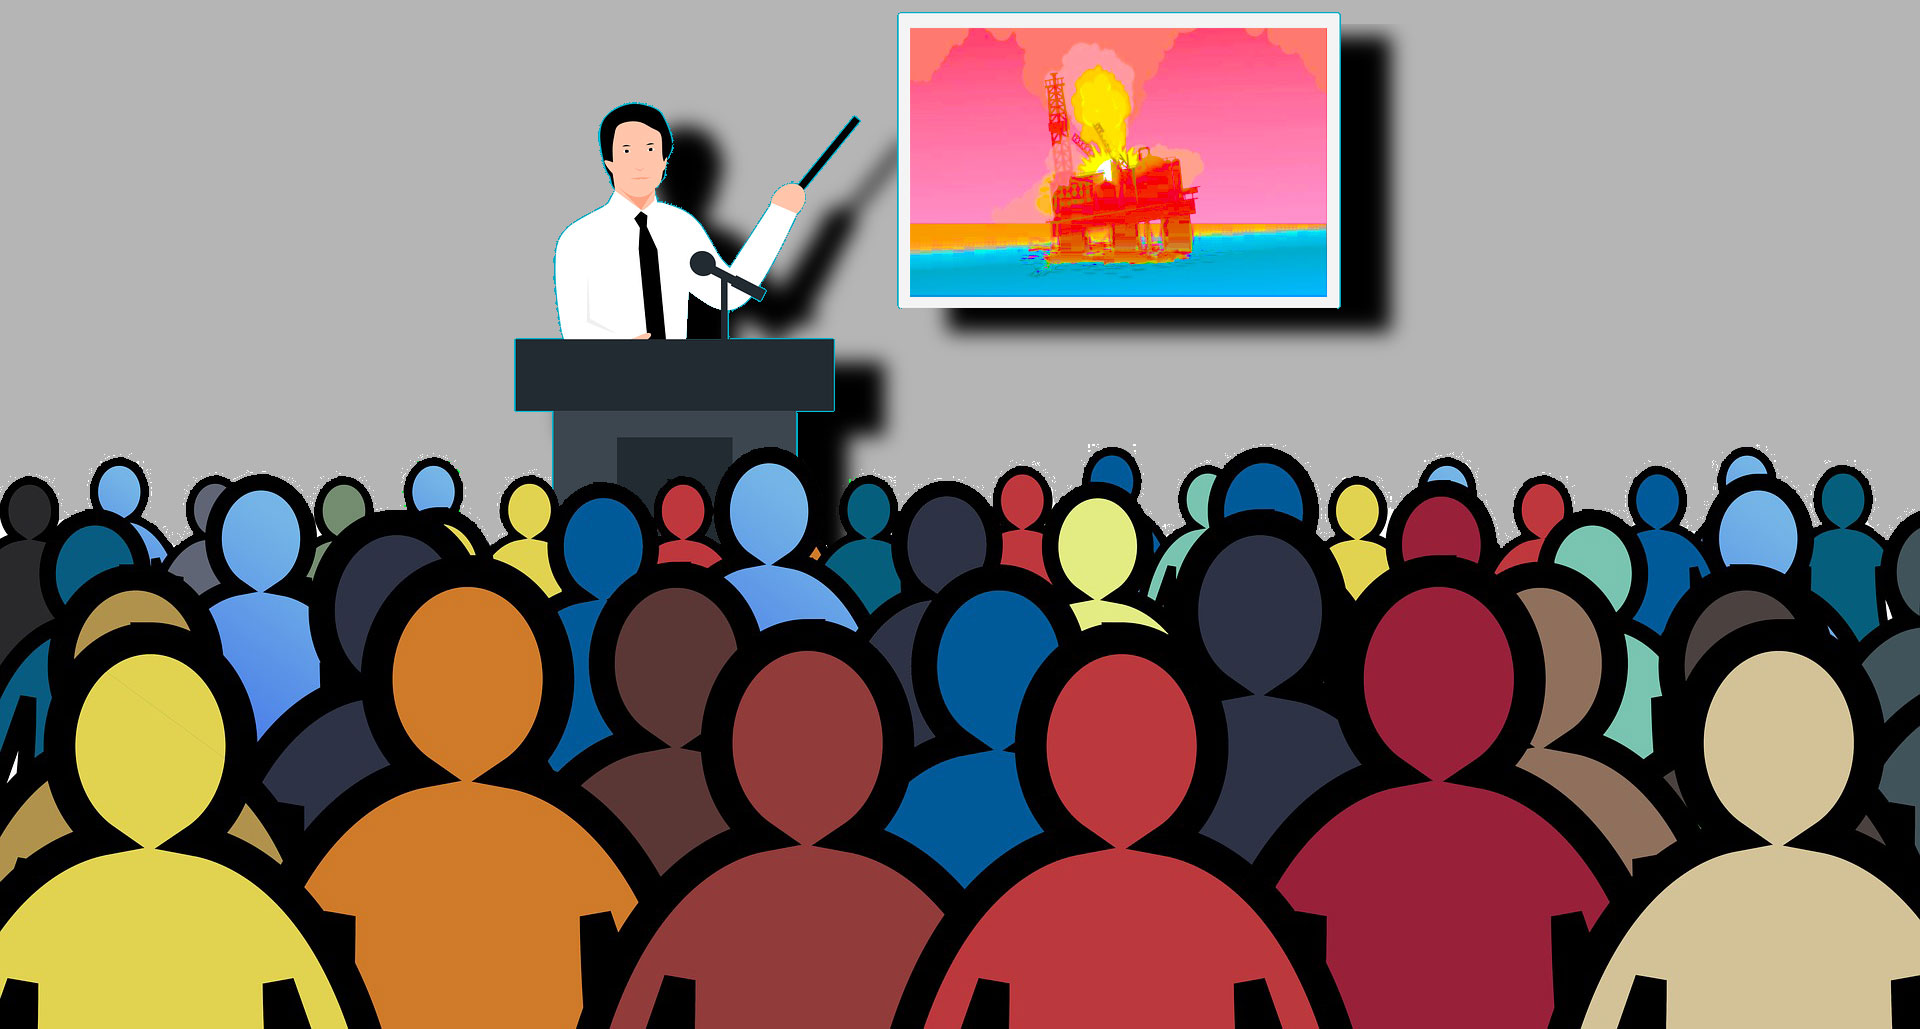 Burning Platform Meeting